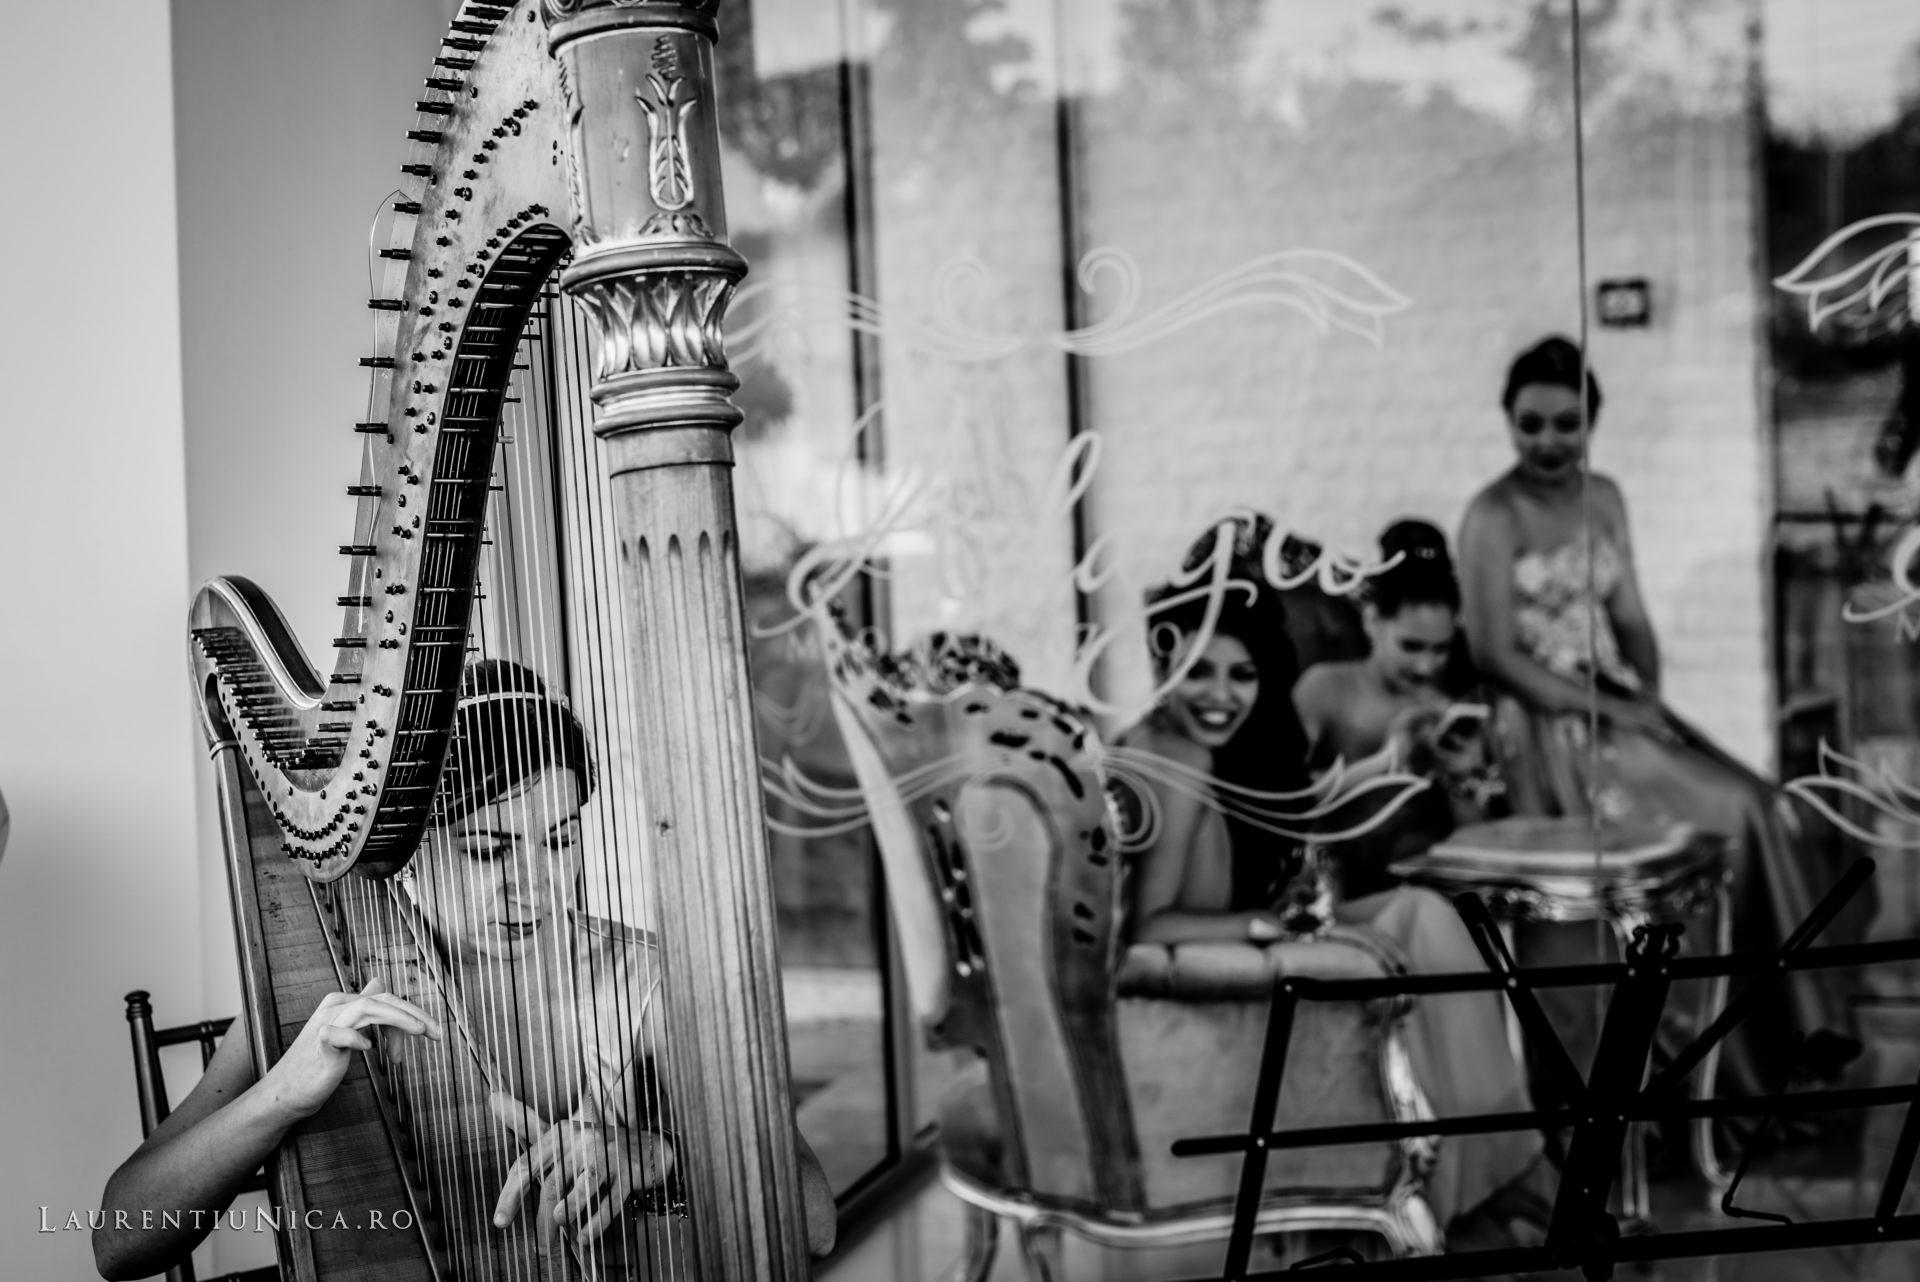 denisa si catalin fotograf nunta laurentiu nica craiova 63 - Denisa si Catalin | Fotografii nunta | Craiova